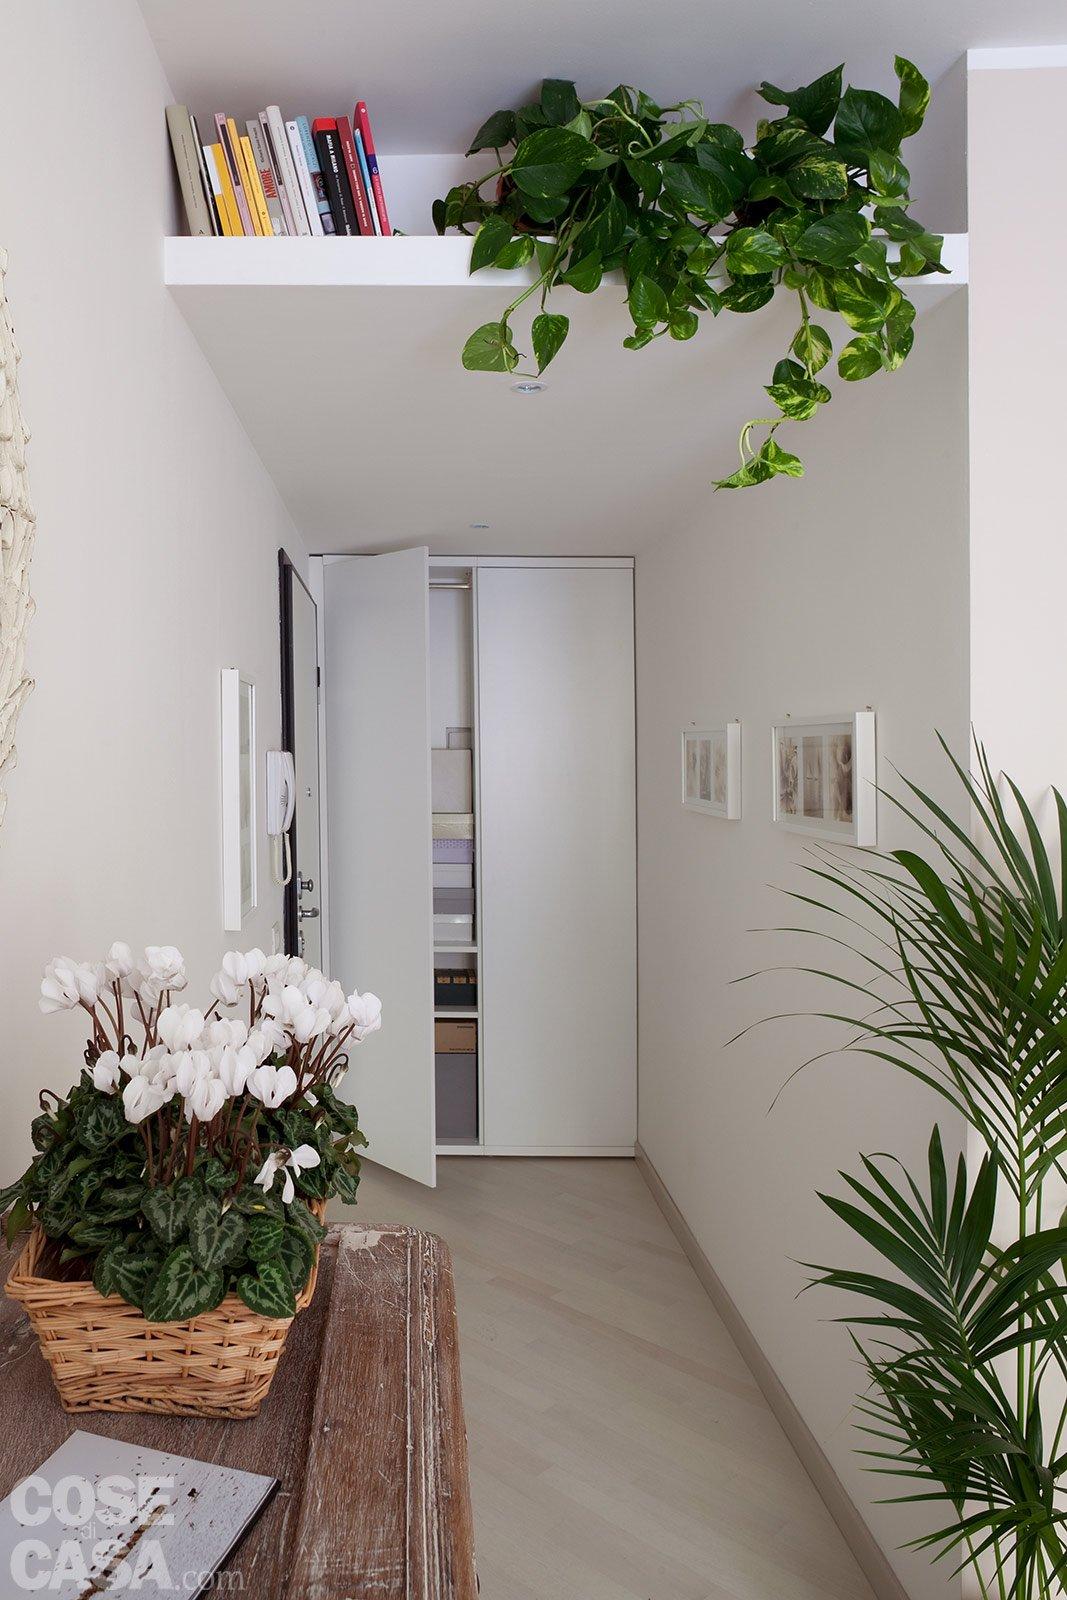 44 mq una stanza in pi in casa cose di casa for Pareti per dividere una stanza